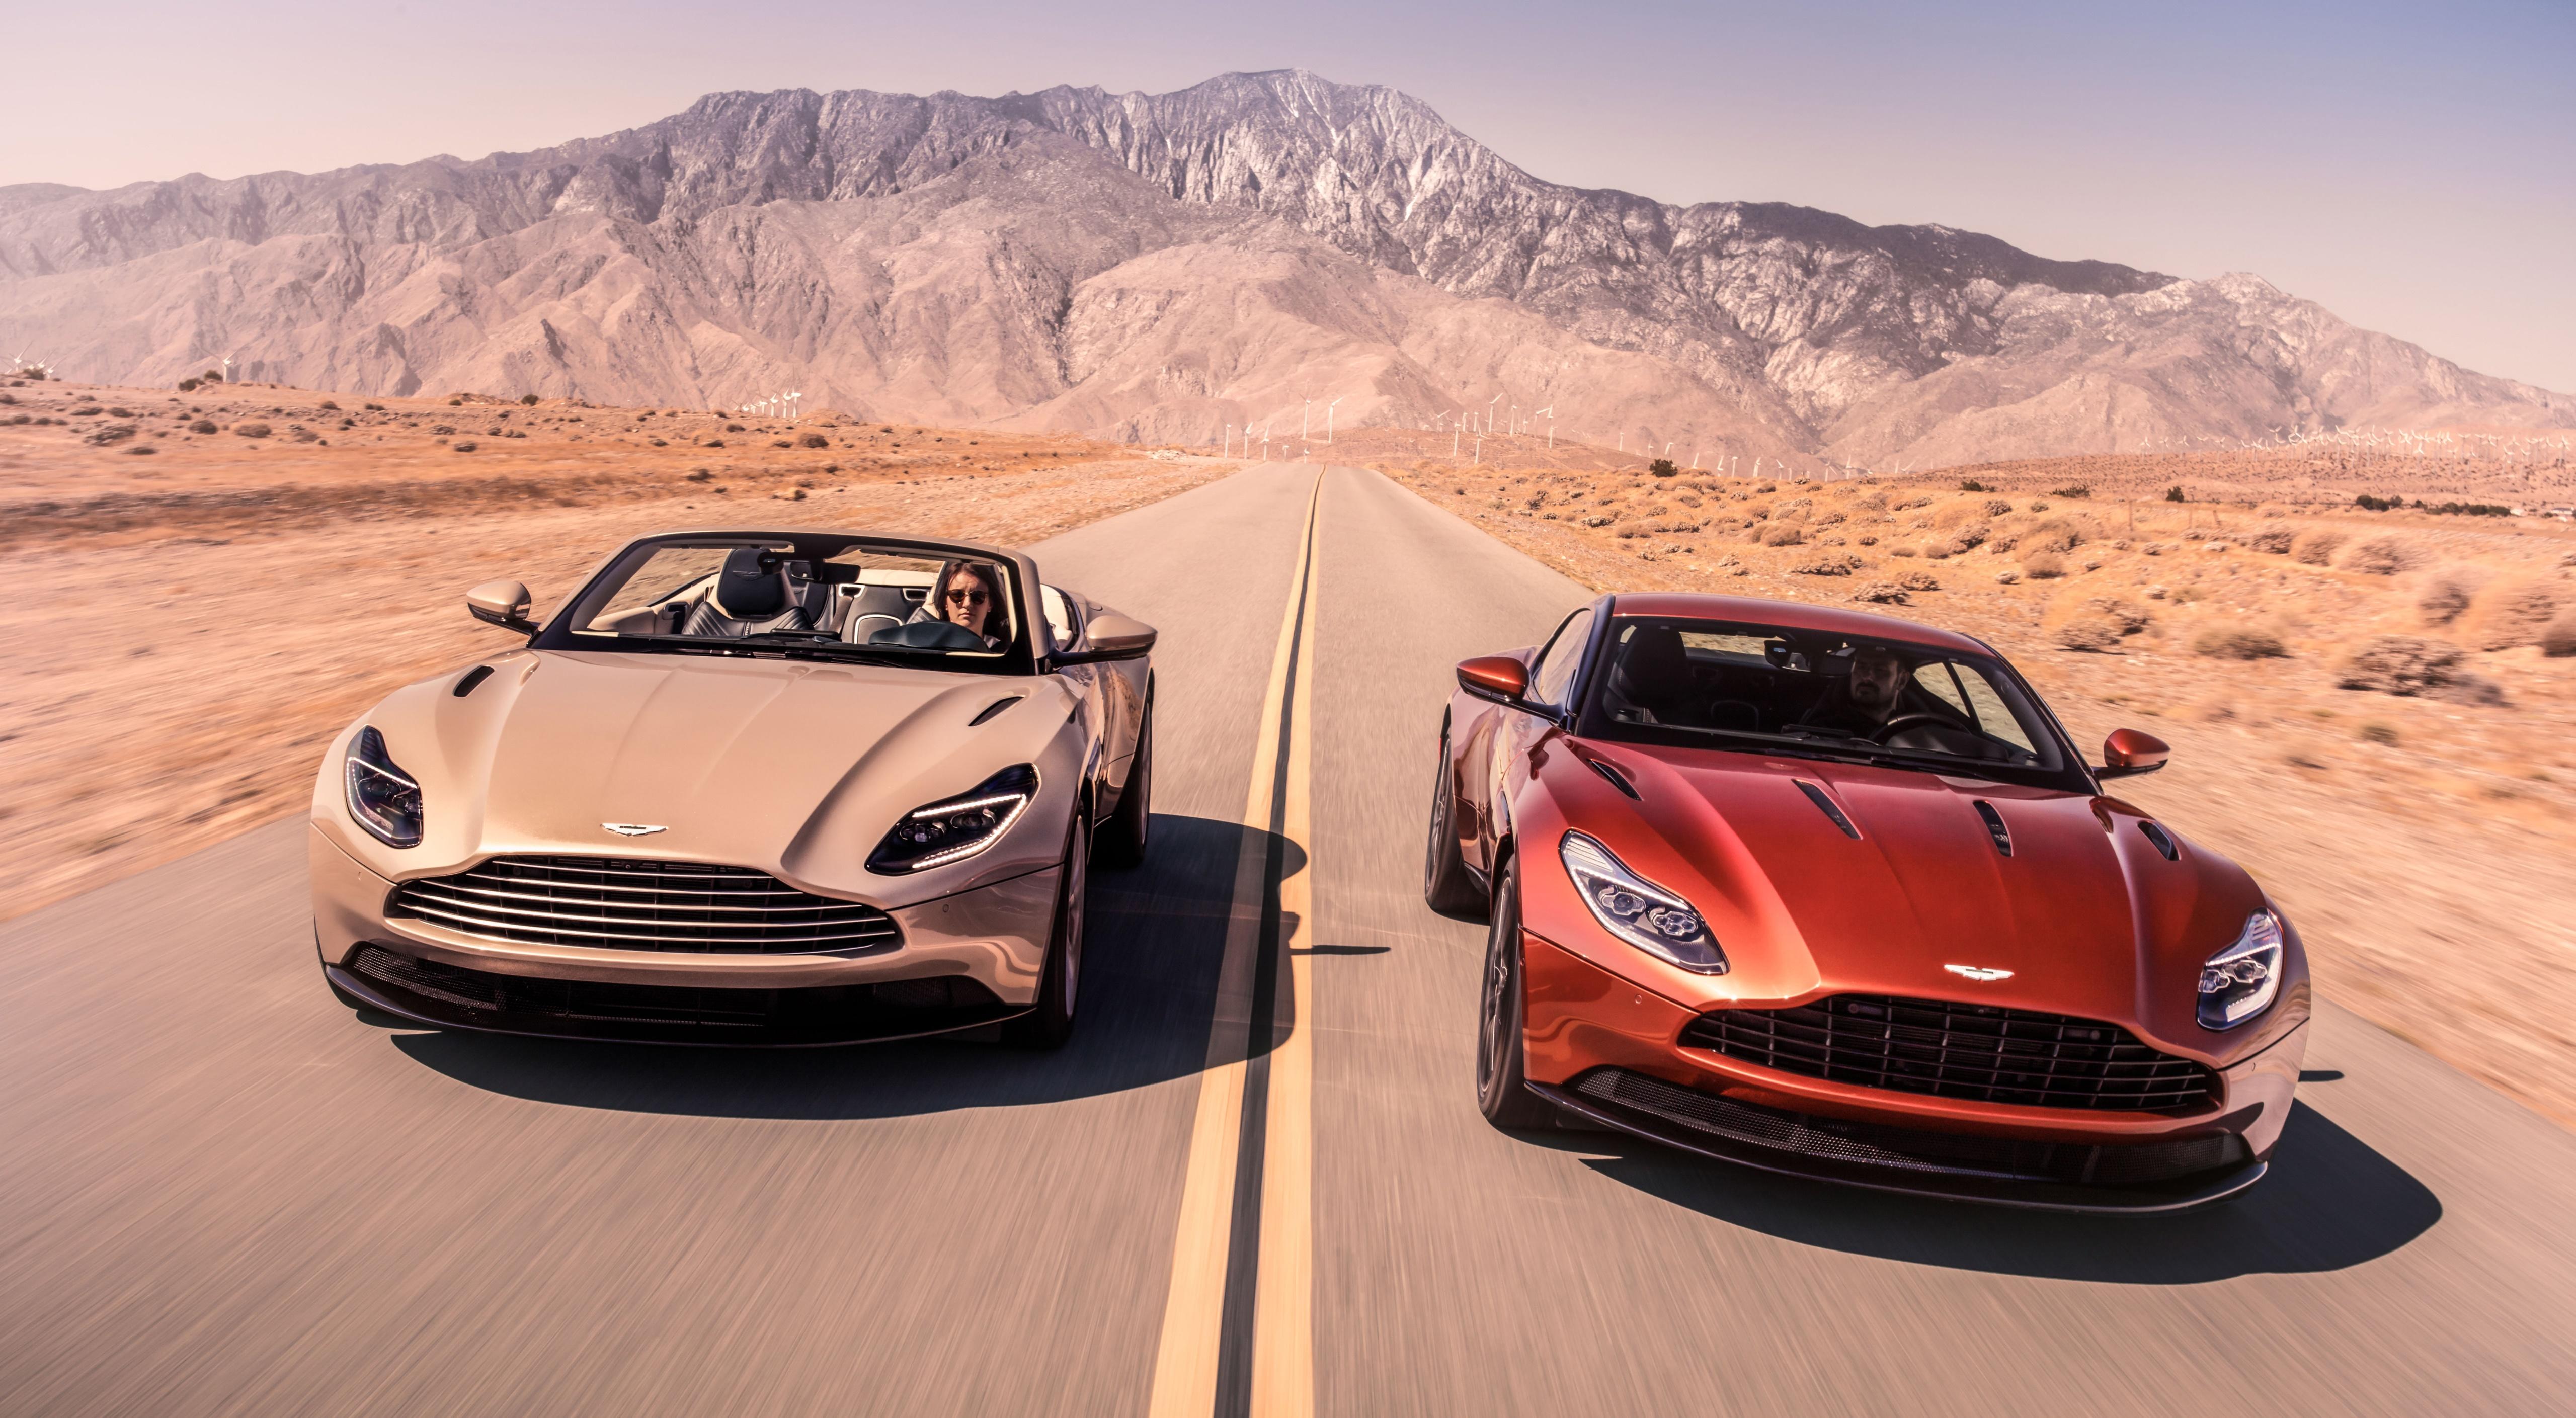 Фотографии Aston Martin DB11, V8, Volante, 2018 кабриолета 2 Дороги Движение машина 5120x2819 Астон мартин Кабриолет два две Двое вдвоем едет едущий едущая скорость авто машины Автомобили автомобиль